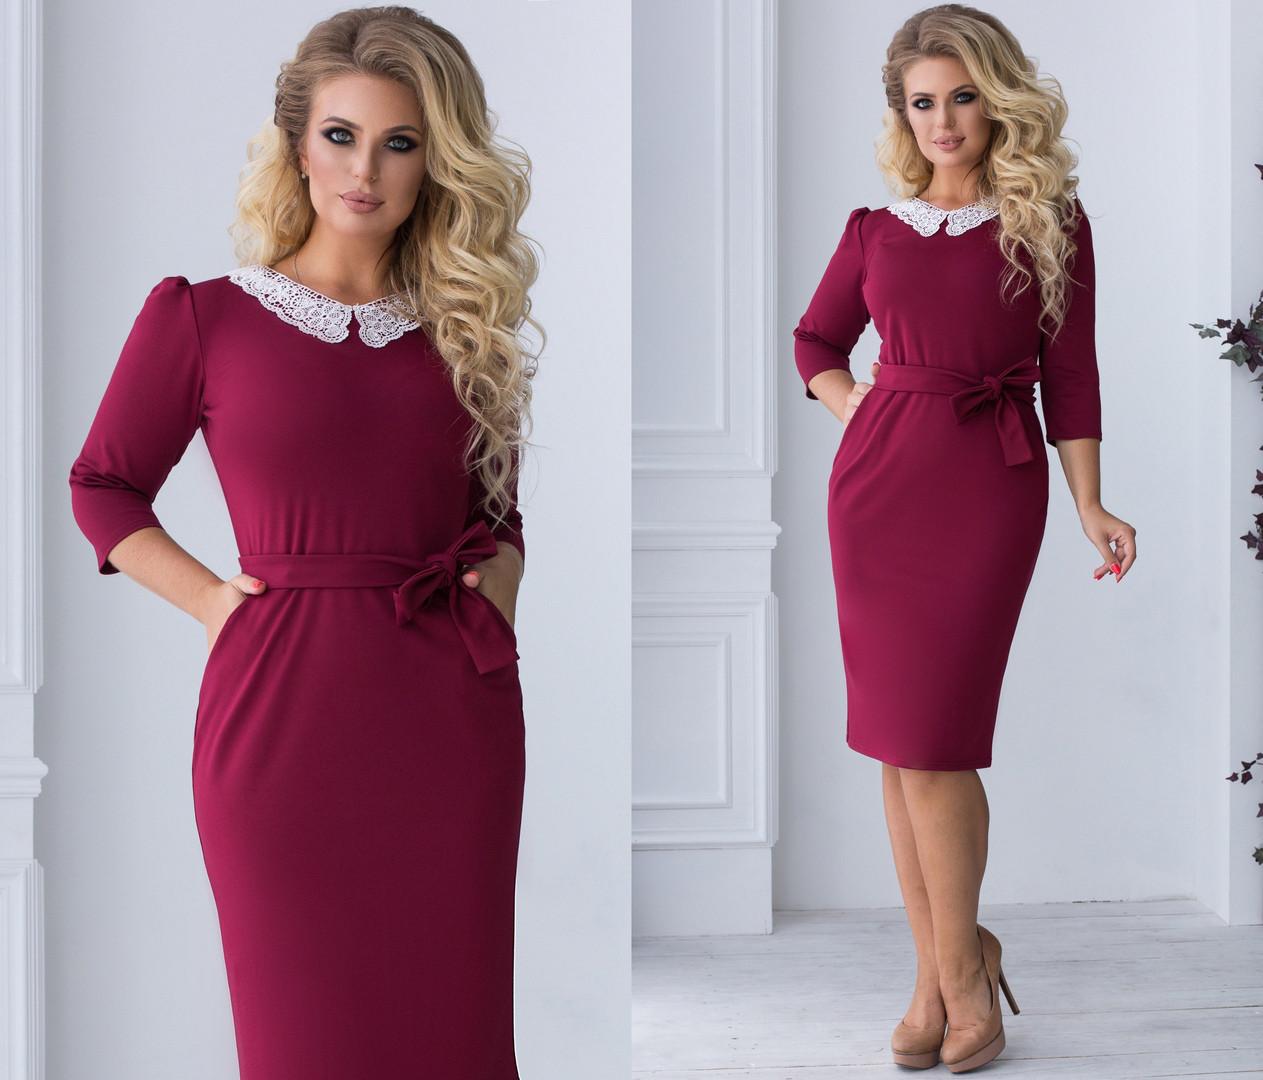 Приталенное платье больших размеров 48+ с карманами, украшено кружевным воротником  / 4 цвета арт 6691-93